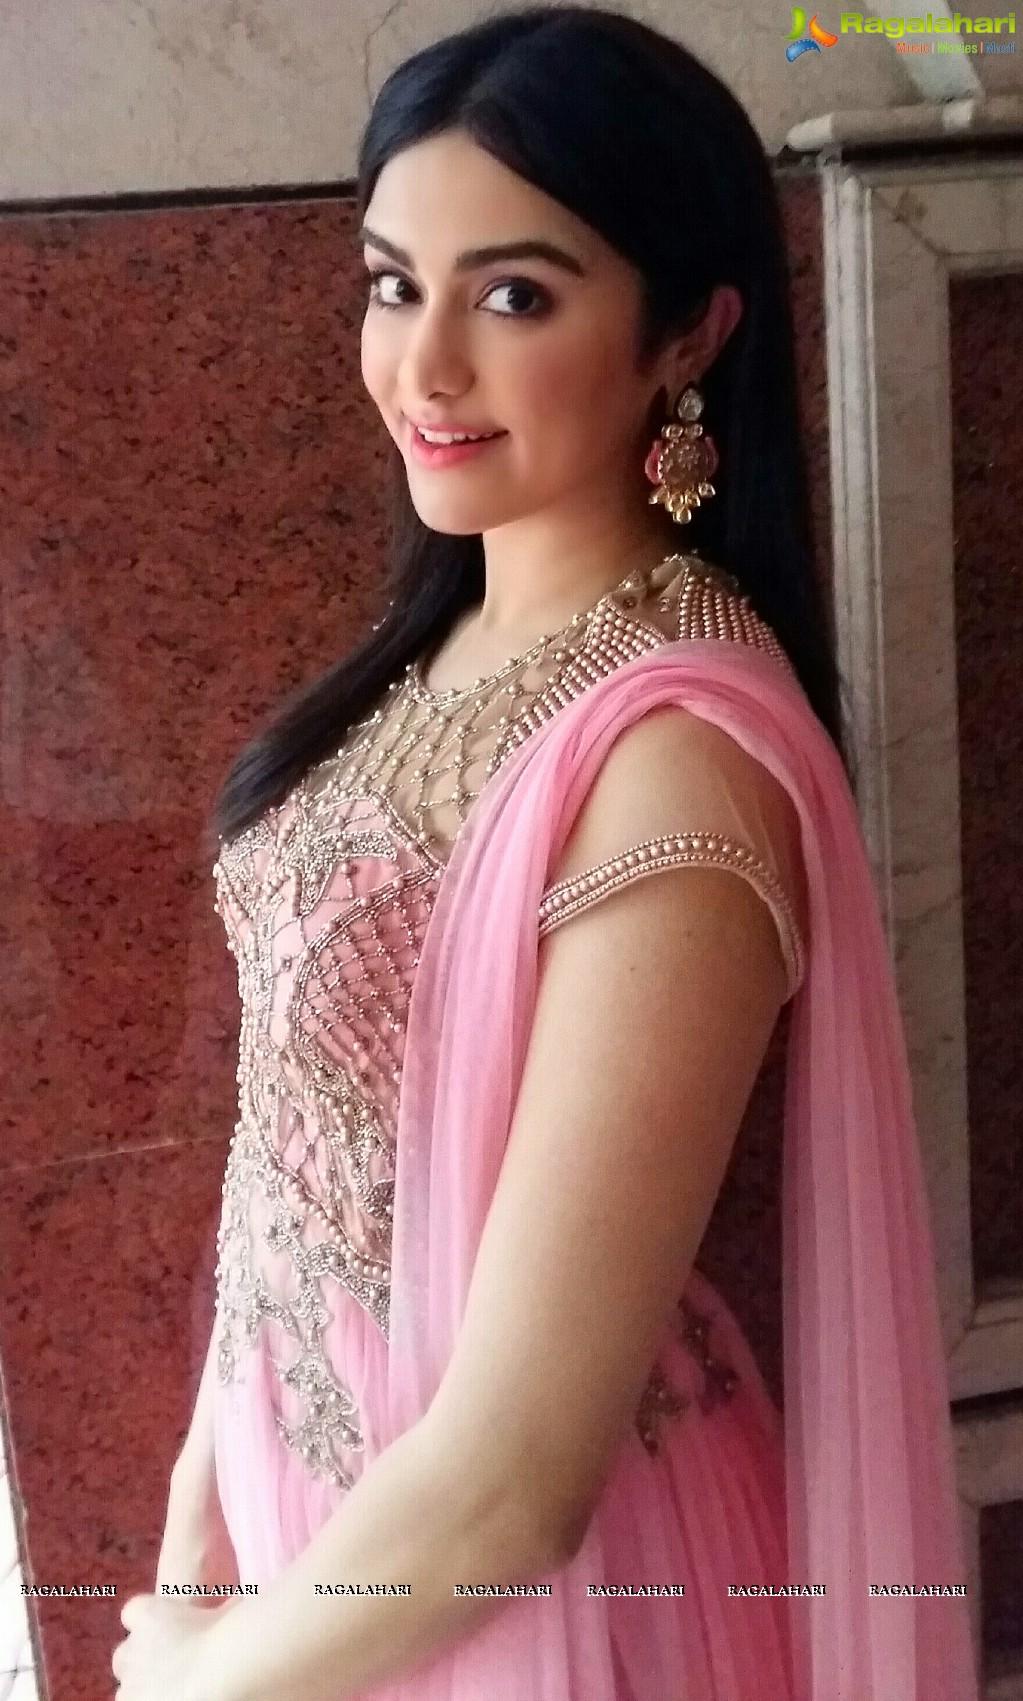 adah sharma image 1 | telugu actress photos stills,images, pics